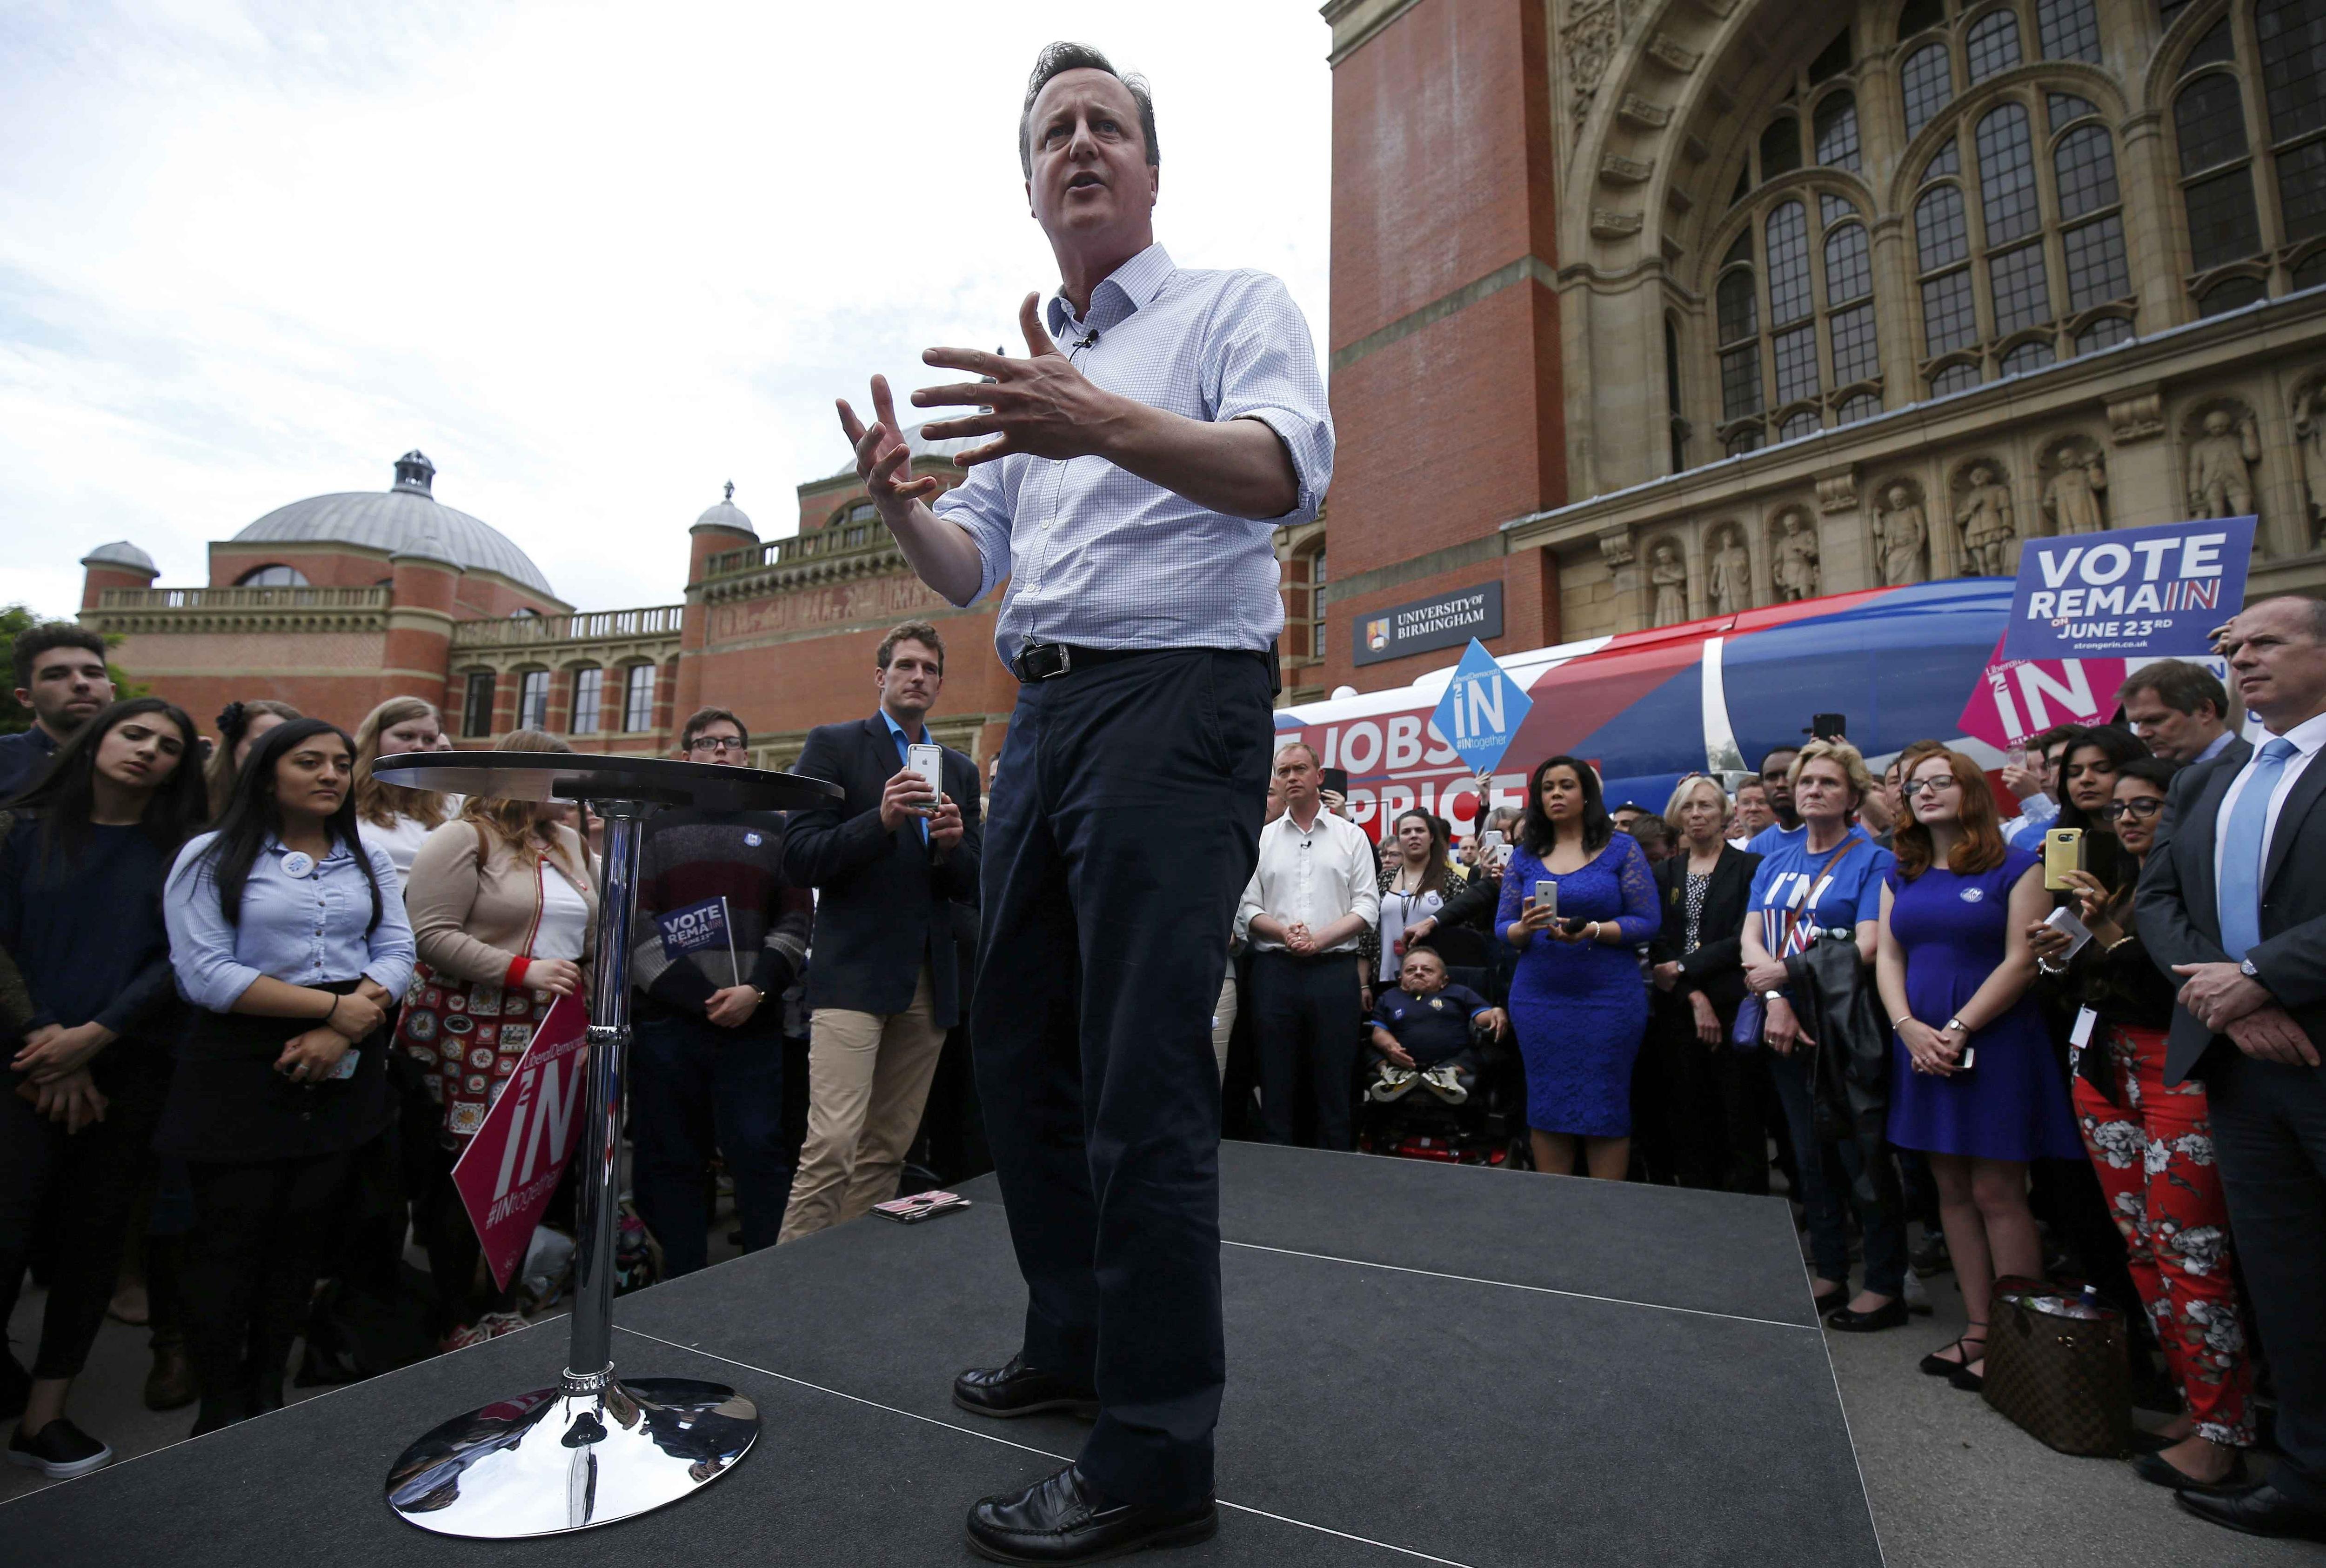 """Thủ tướng Anh David Cameron phát biểu trước công chúng tại Đại học Birmingham ở Birmingham hôm 22/6 trong bài diễn thuyết mang tên """"Nước Anh mạnh hơn khi ở lại châu Âu"""". Ông Cameron là một trong những chính trị gia ủng hộ mạnh mẽ việc Anh ở lại EU (Ảnh: Reuters)"""